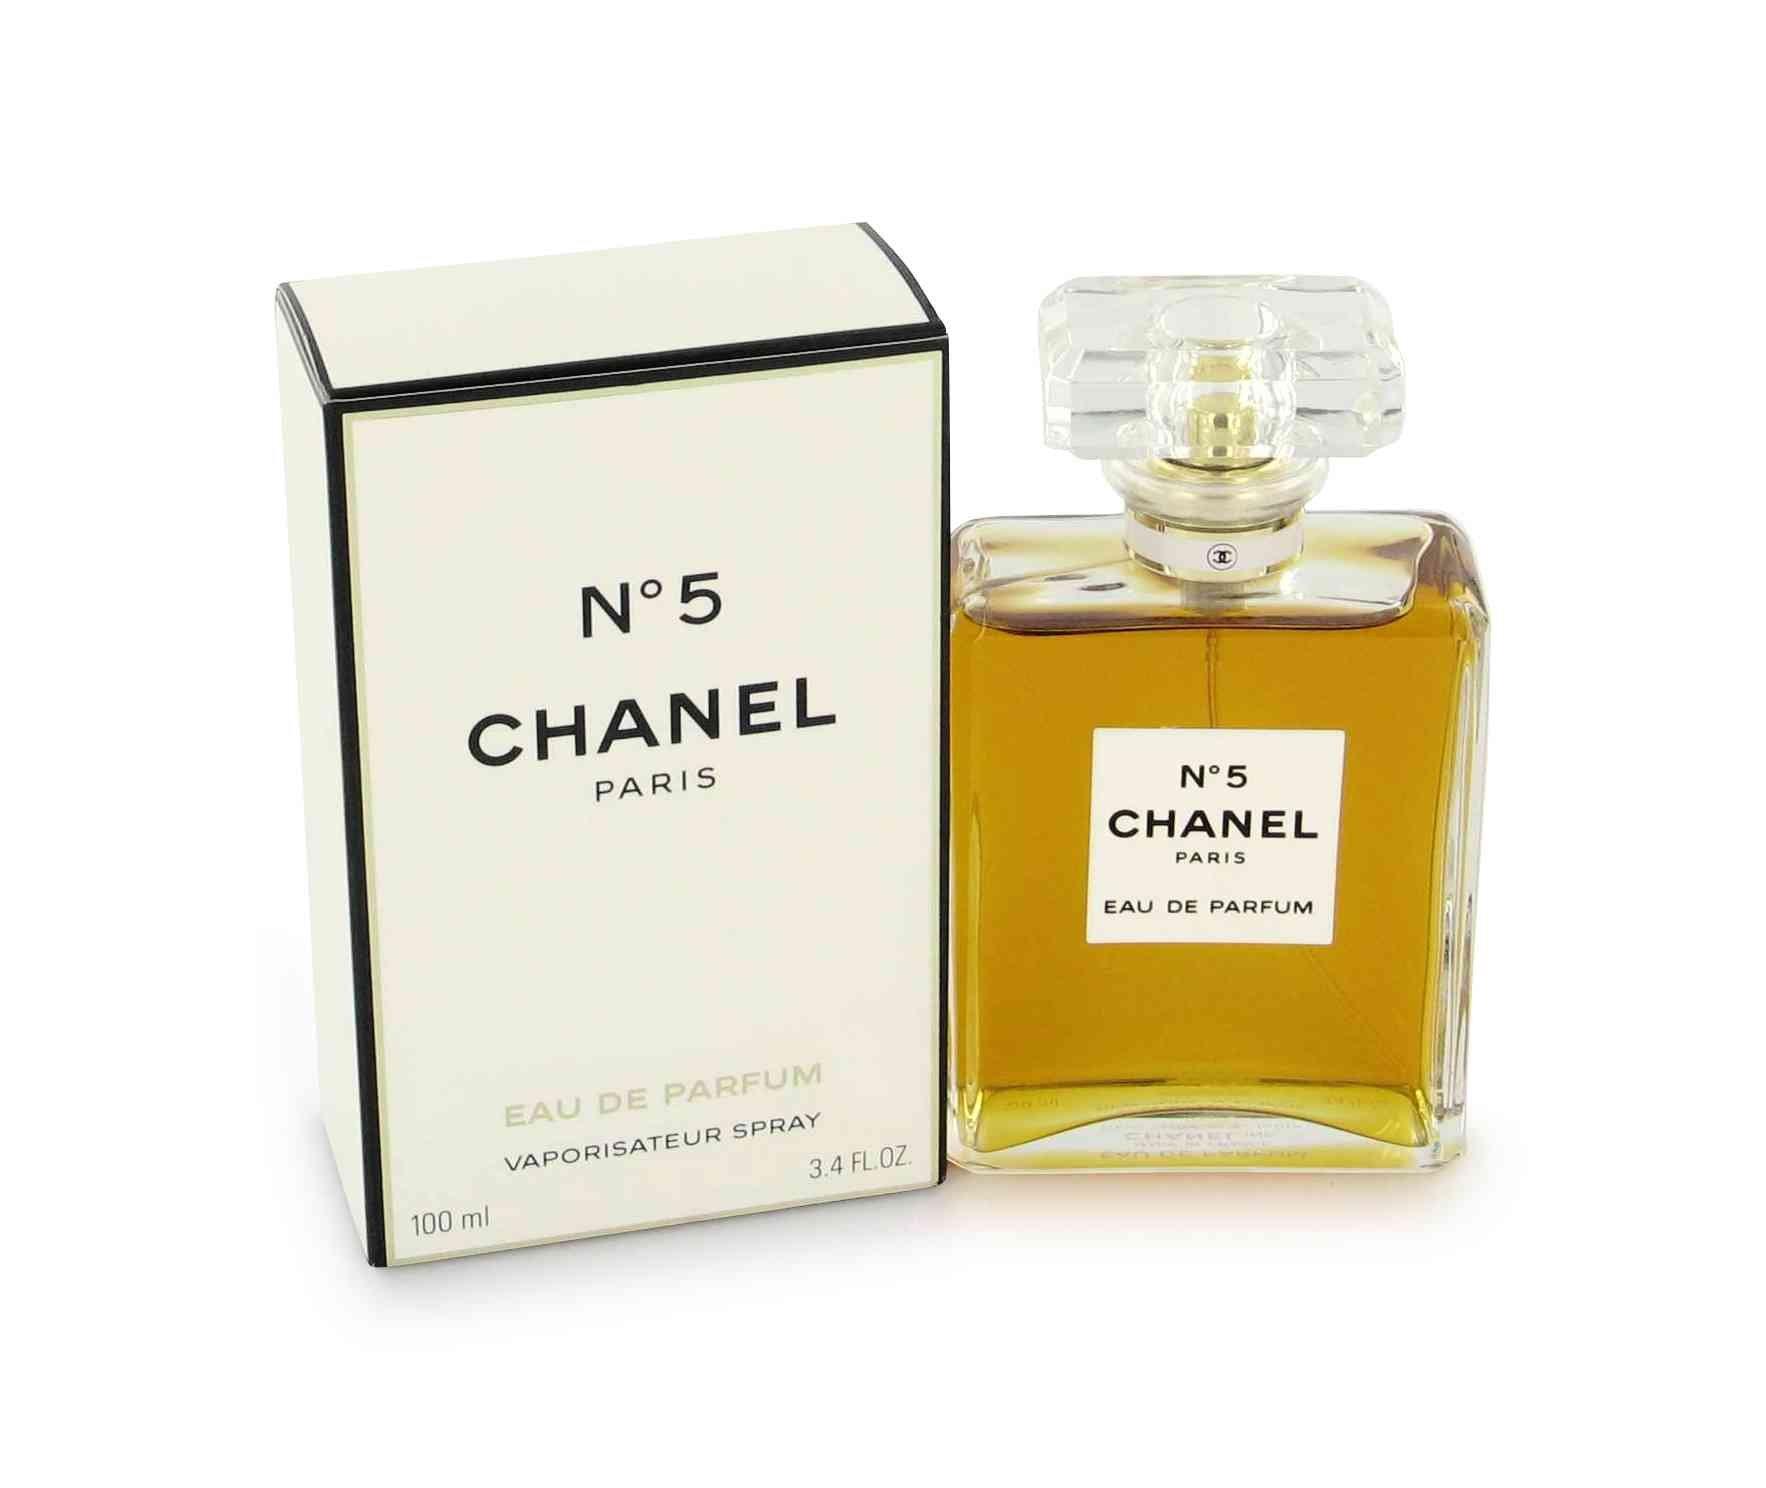 c h a n e l No.5 Eau De Parfum Spray by Puntiwa